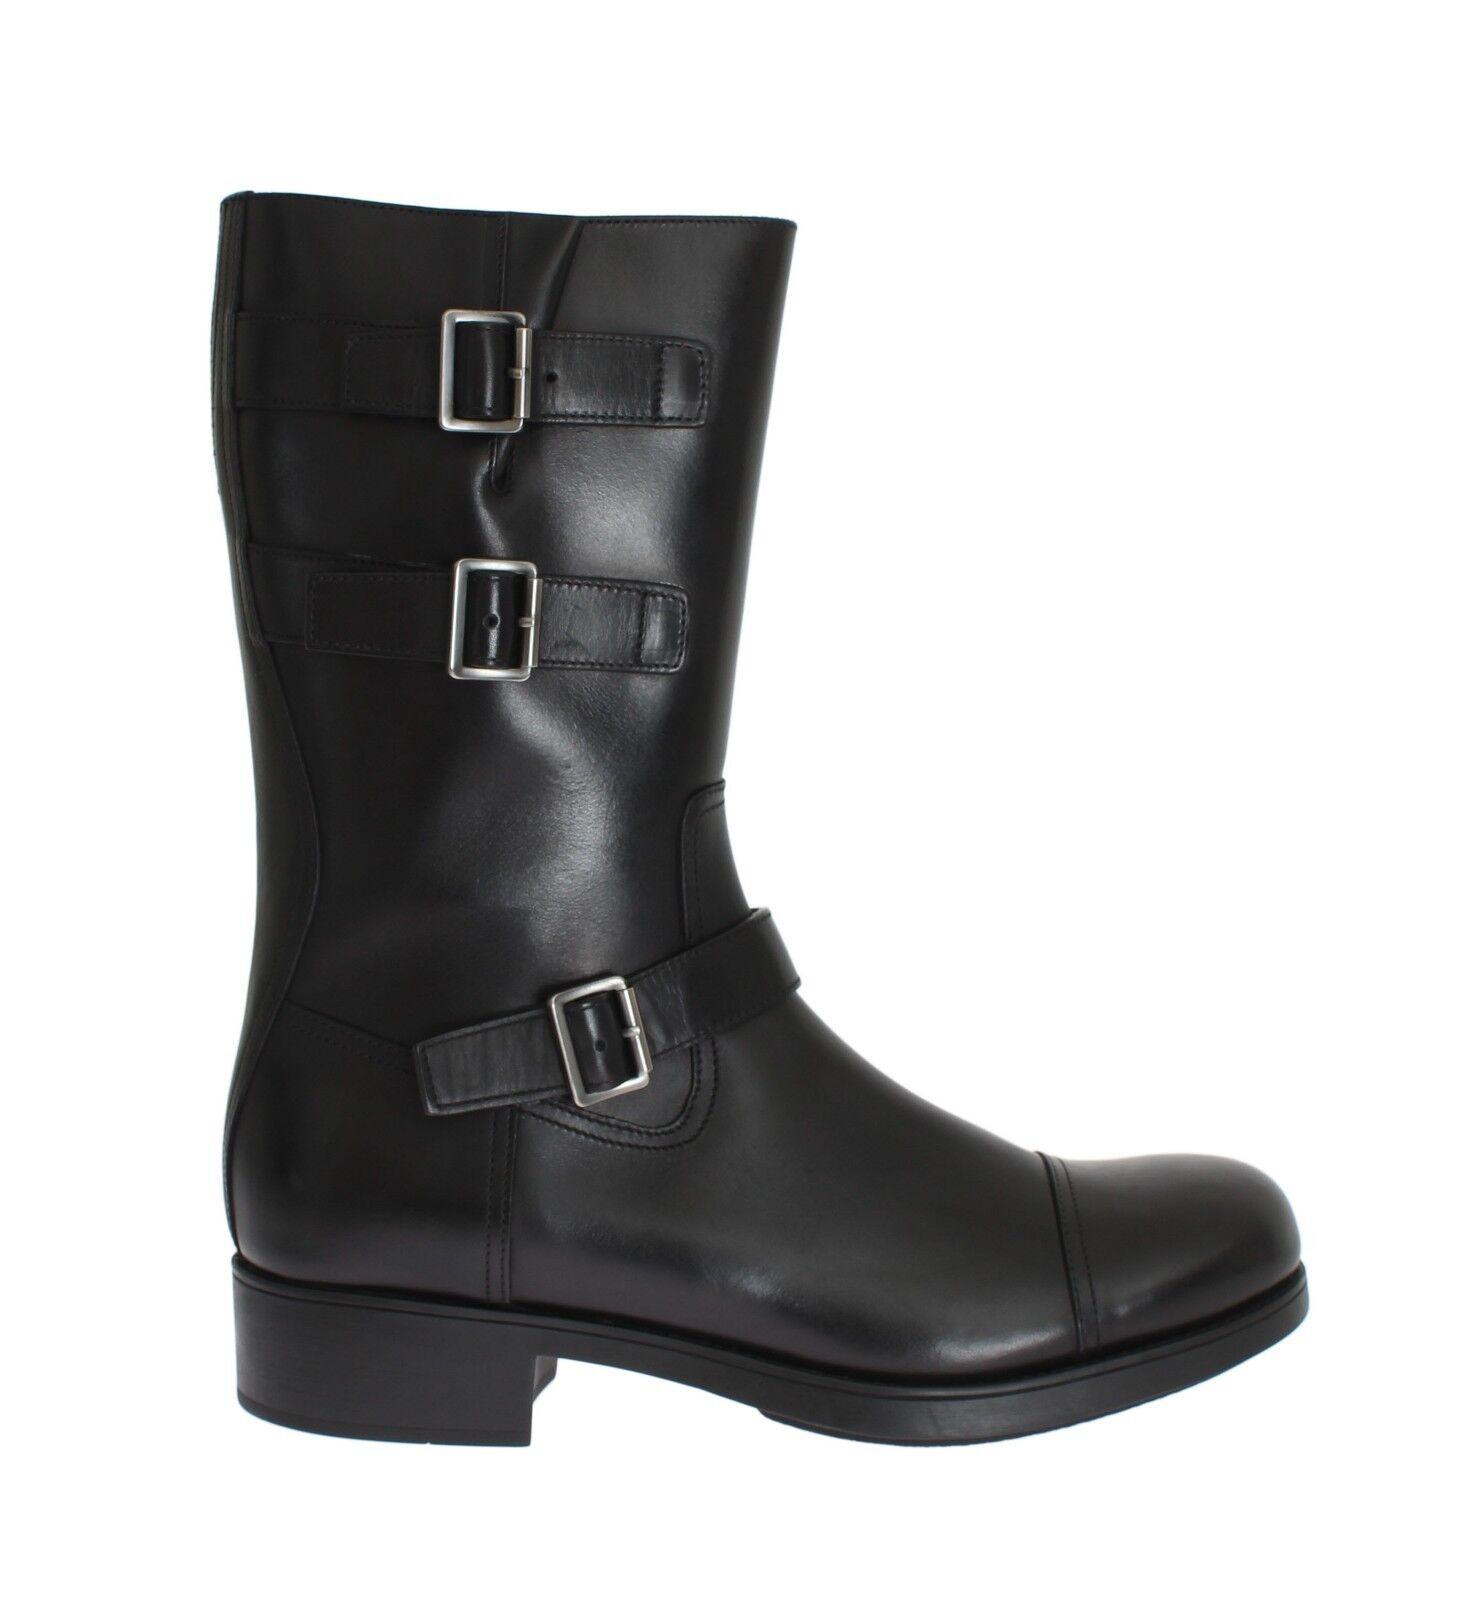 Nuevas botas Zapatos de  PRADA Hebilla de Cuero Negro Para Hombre S. Vit Rodeo de EU43 US10